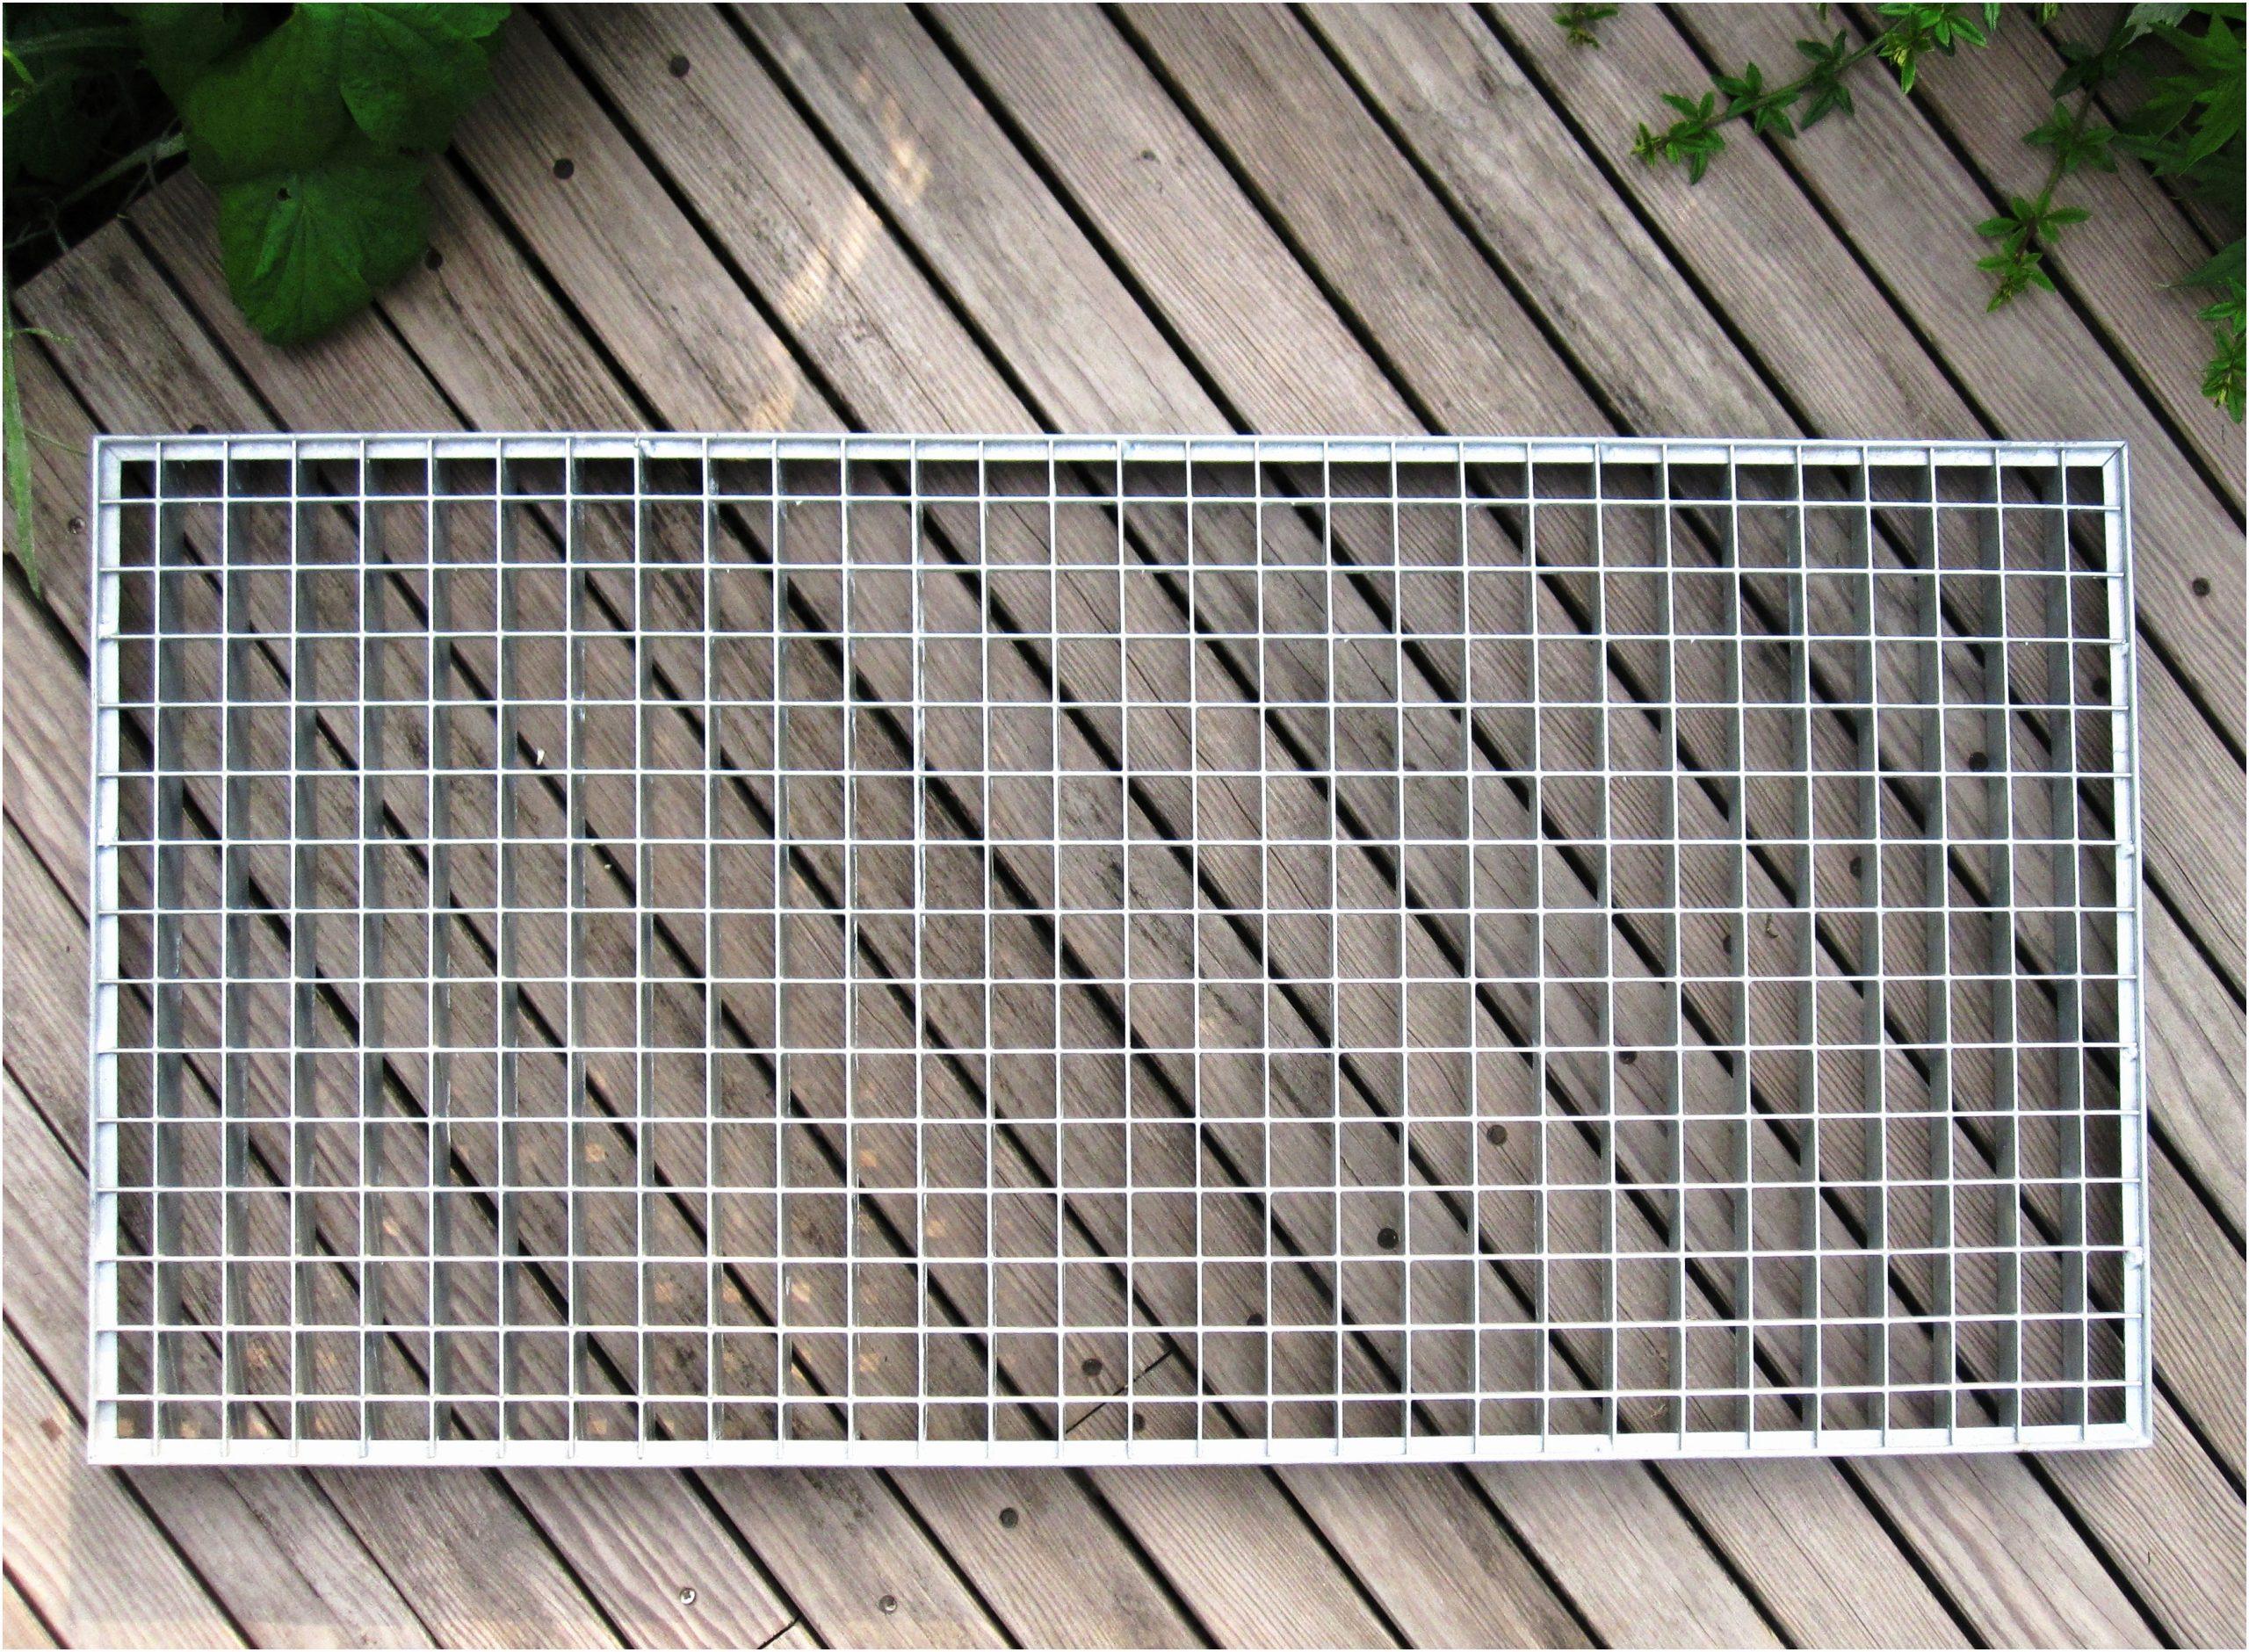 Mur De Cloture En Gabion Charmant Mur En Gabion Brico Depot ... serapportantà Grillage Brico Depot